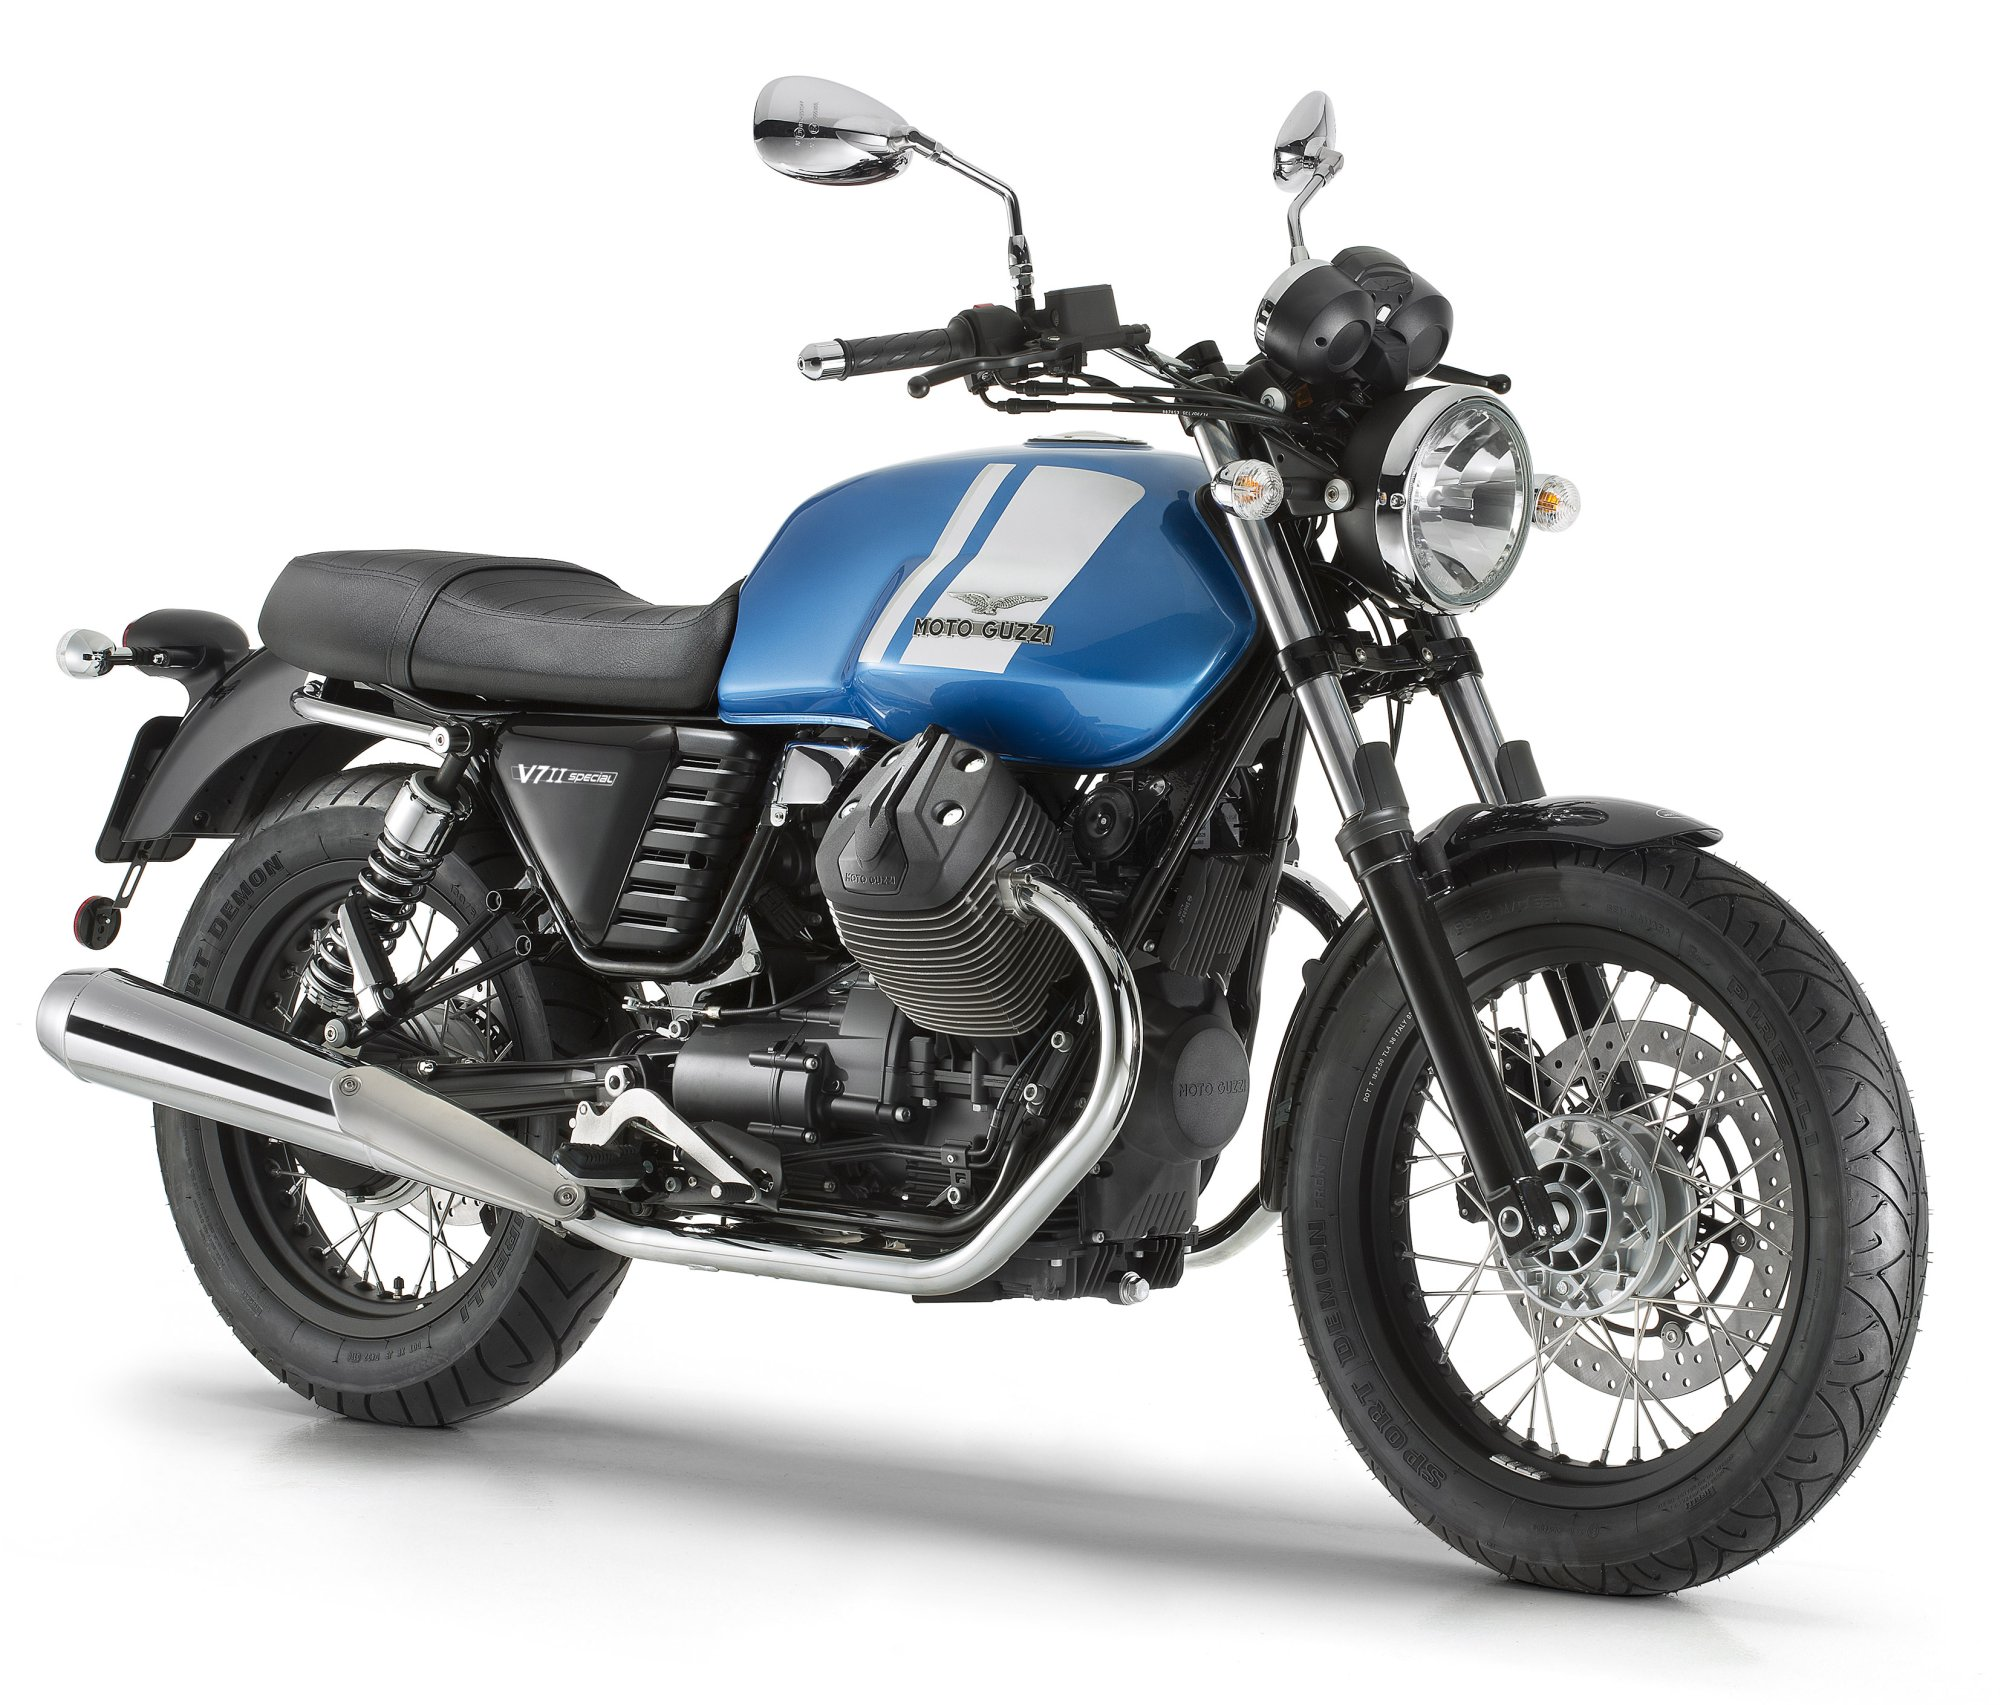 gebrauchte moto guzzi v7 ii special motorr der kaufen. Black Bedroom Furniture Sets. Home Design Ideas